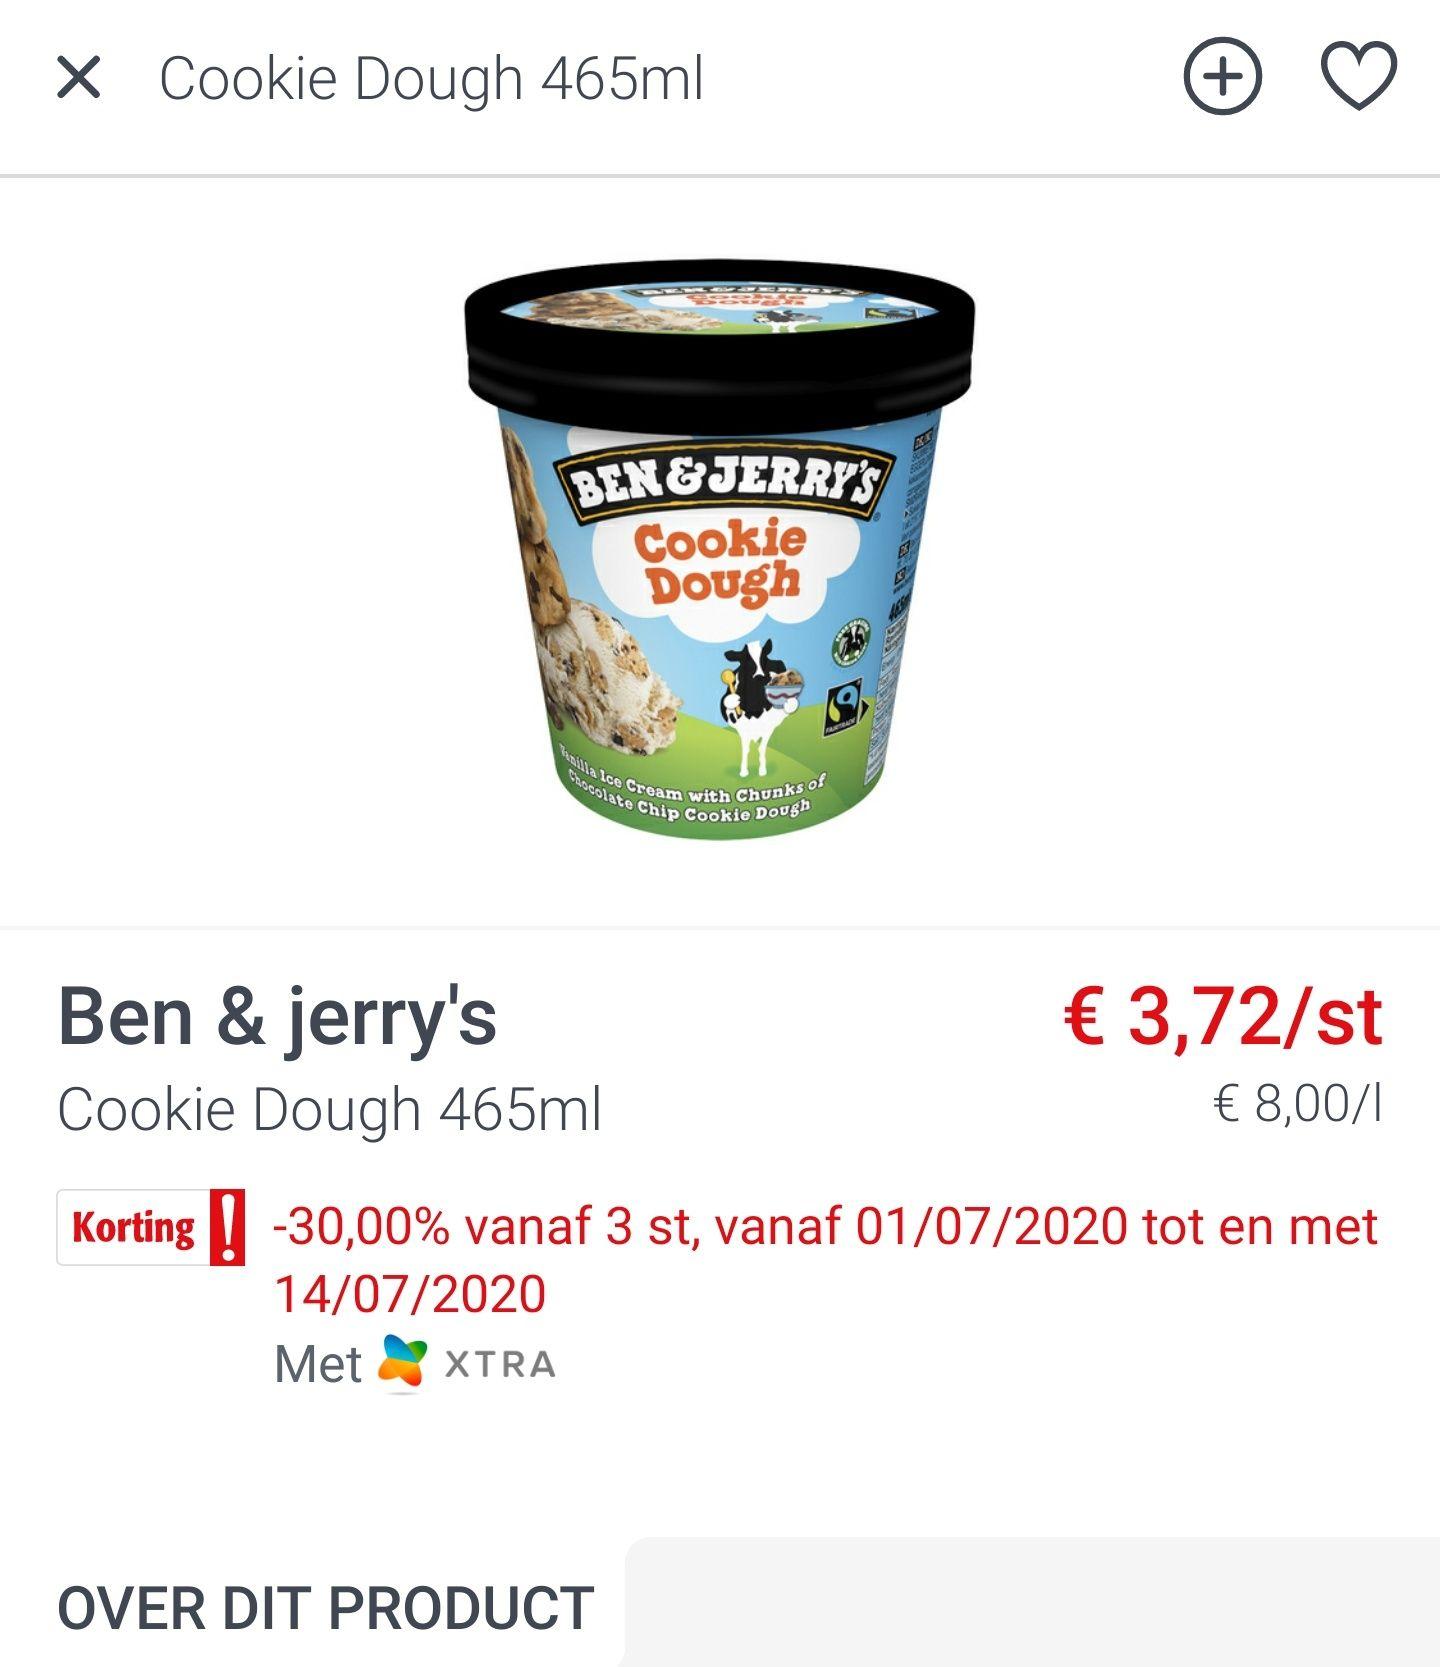 [GRENSDEAL BELGIË] 3 x Ben & Jerry's potten voor €7,81